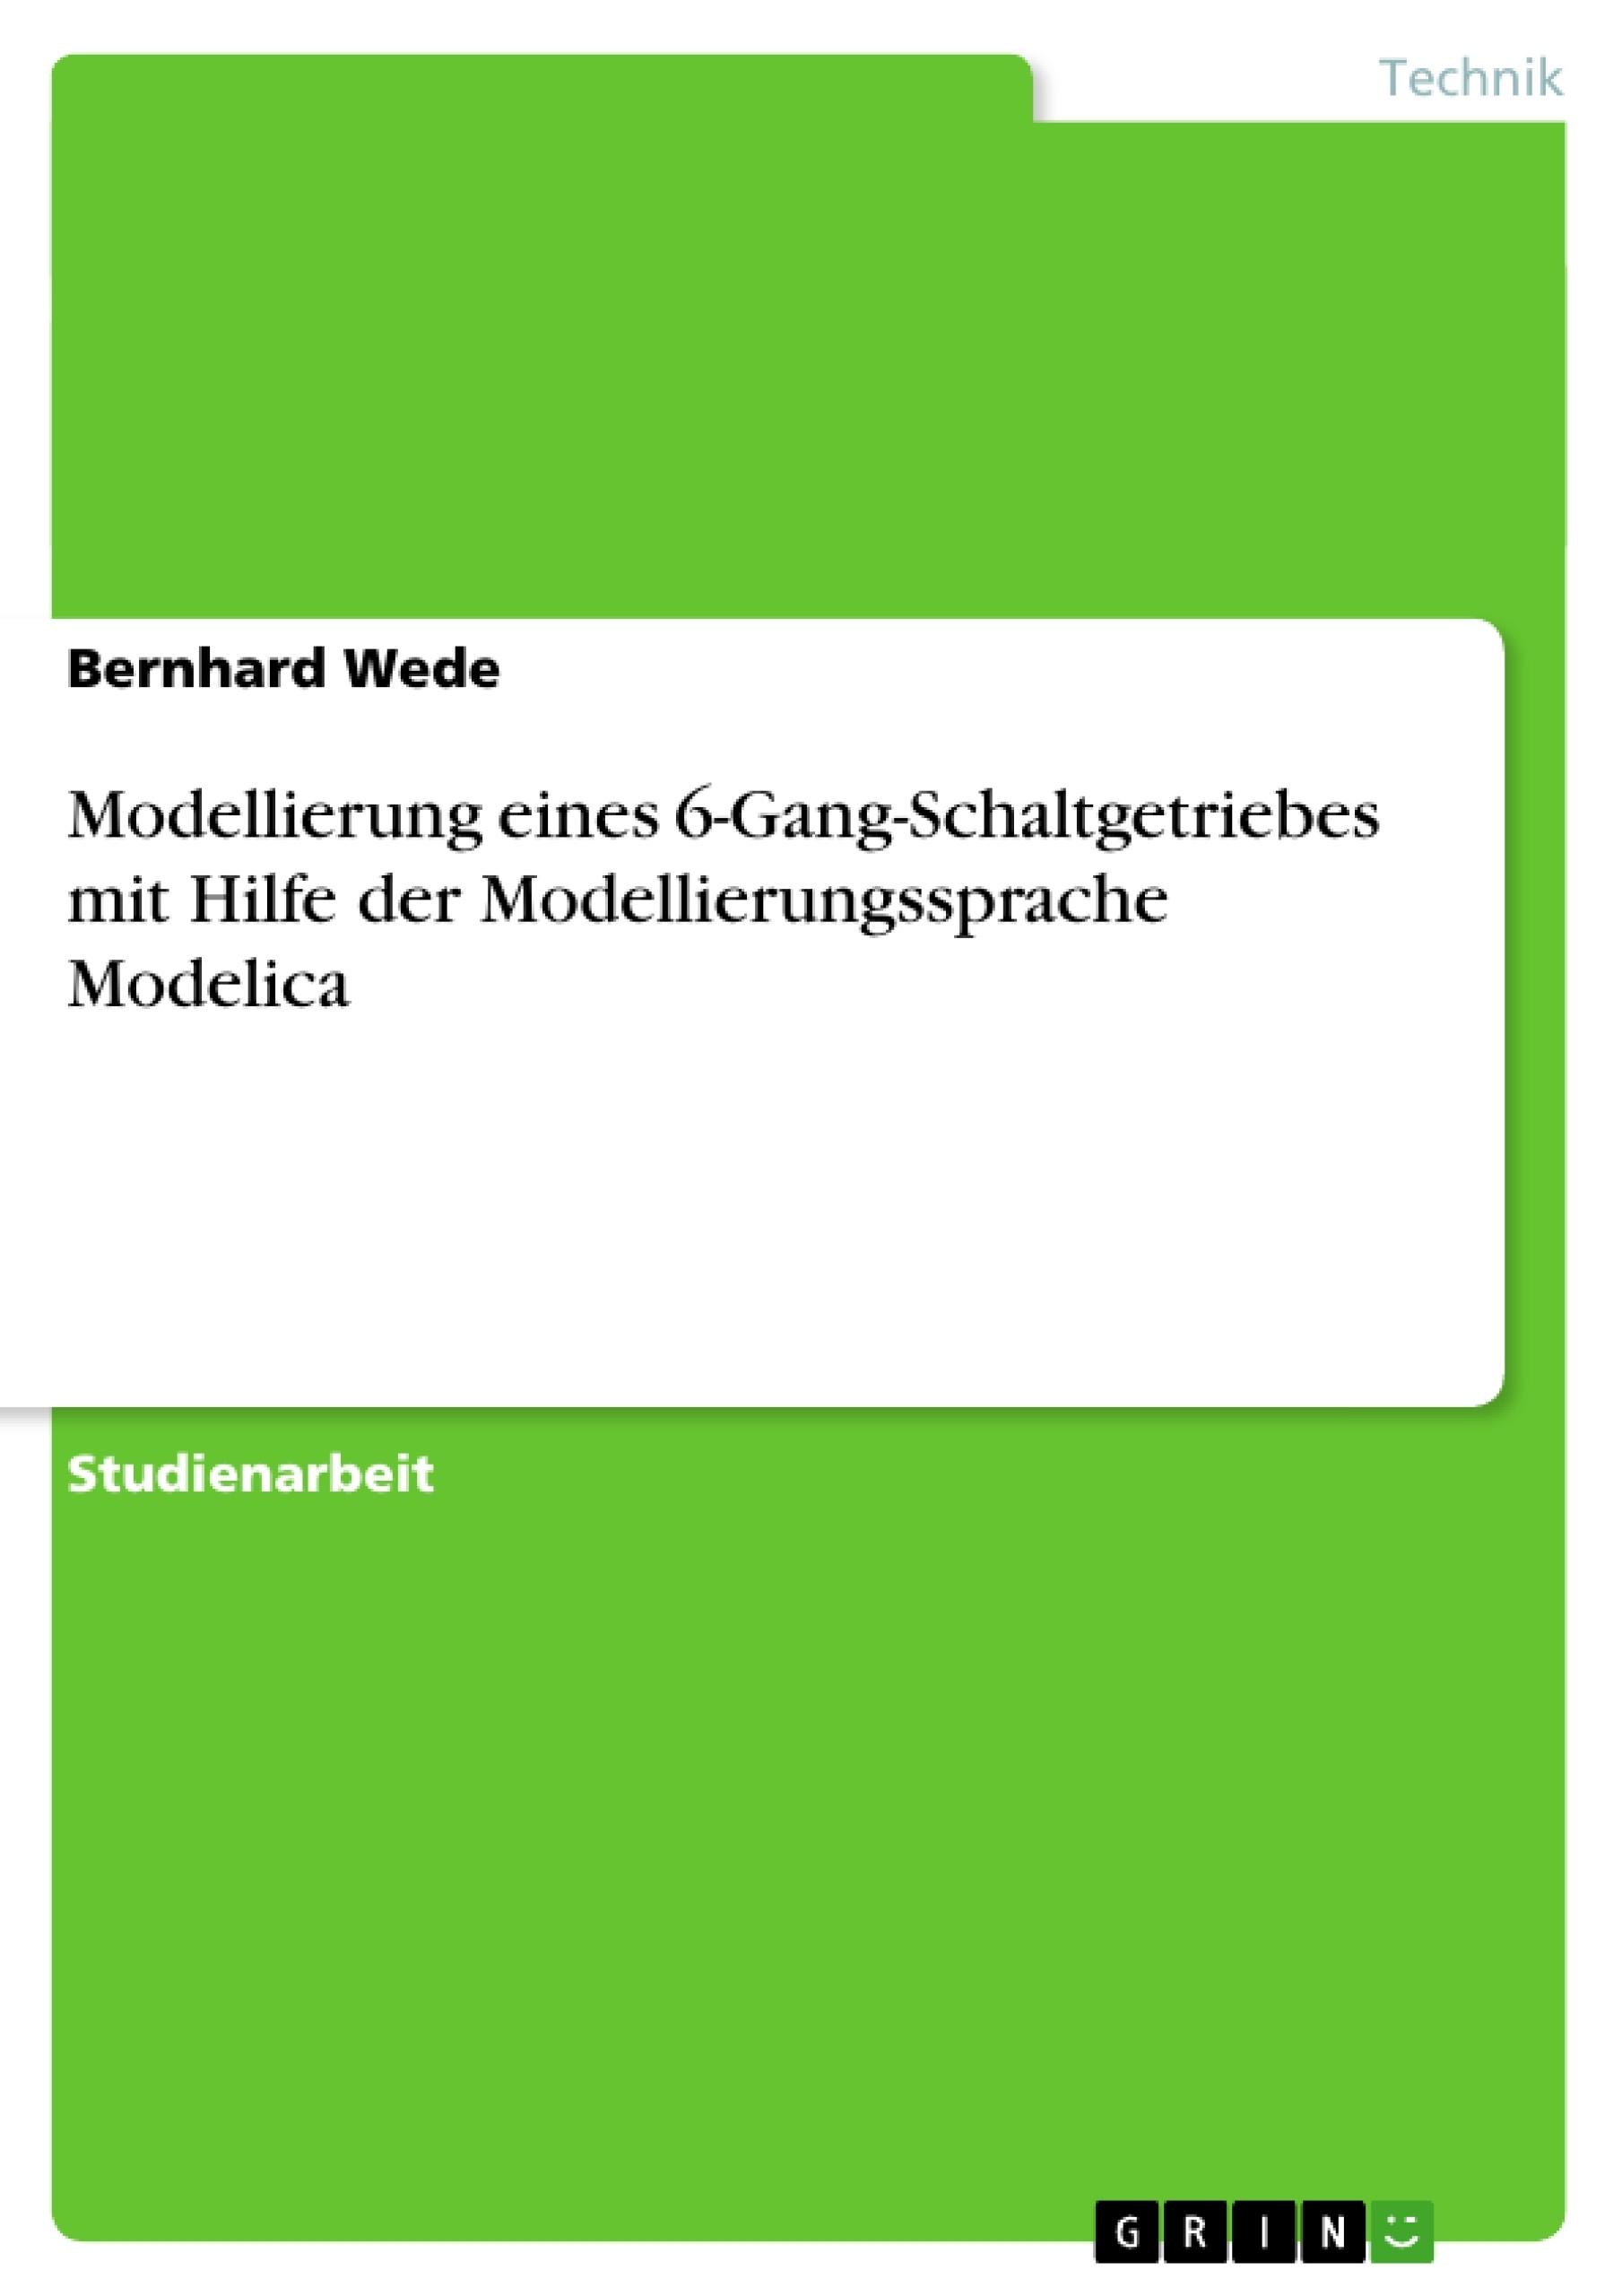 Titel: Modellierung eines 6-Gang-Schaltgetriebes mit Hilfe der Modellierungssprache Modelica